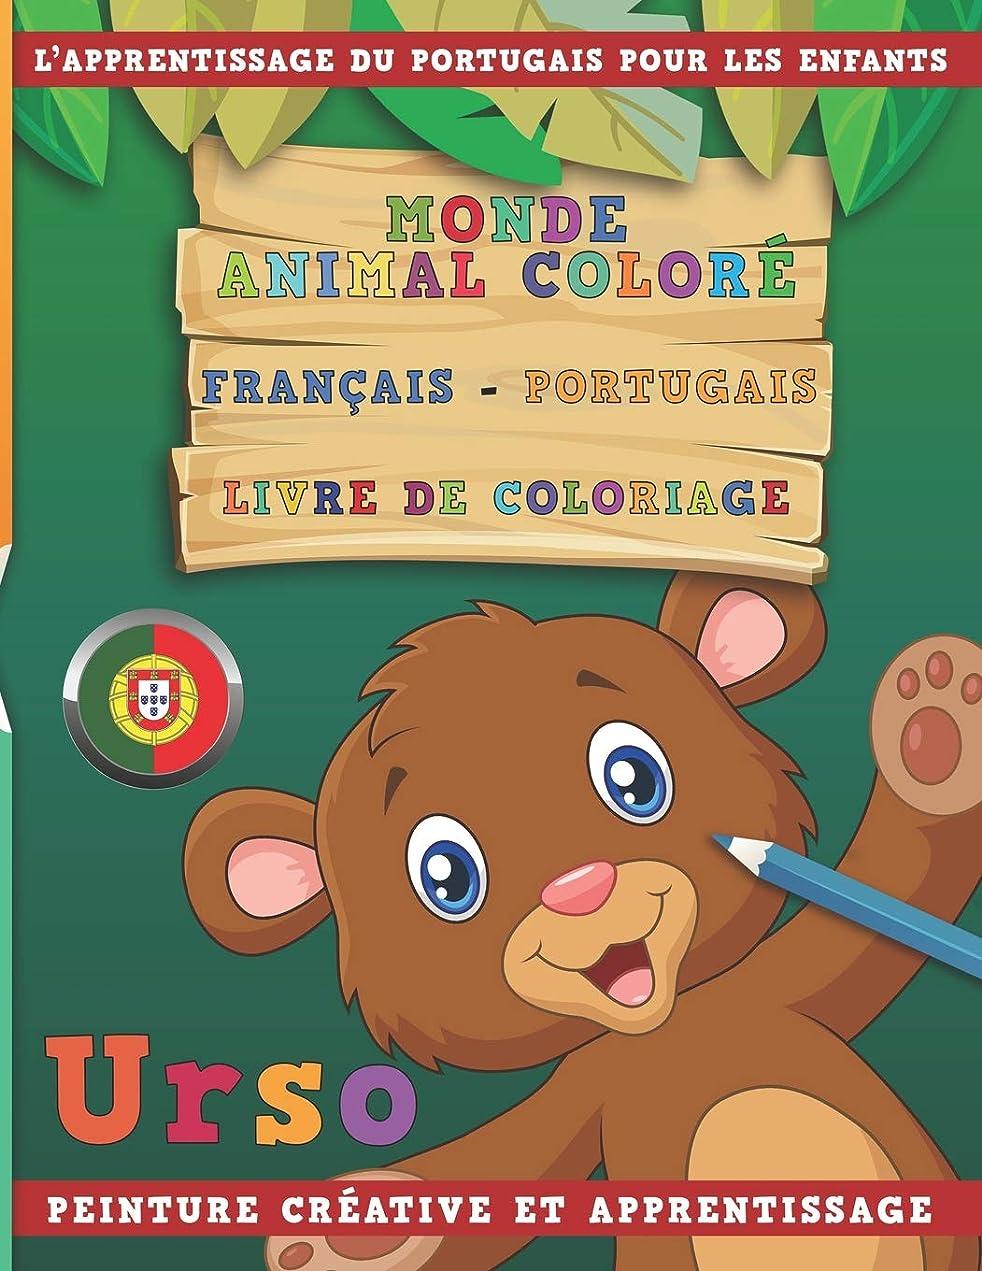 パッチ収縮ペルソナMonde animal coloré Fran?ais - Portugais Livre de coloriage. L'apprentissage du portugais pour les enfants. Peinture créative et apprentissage